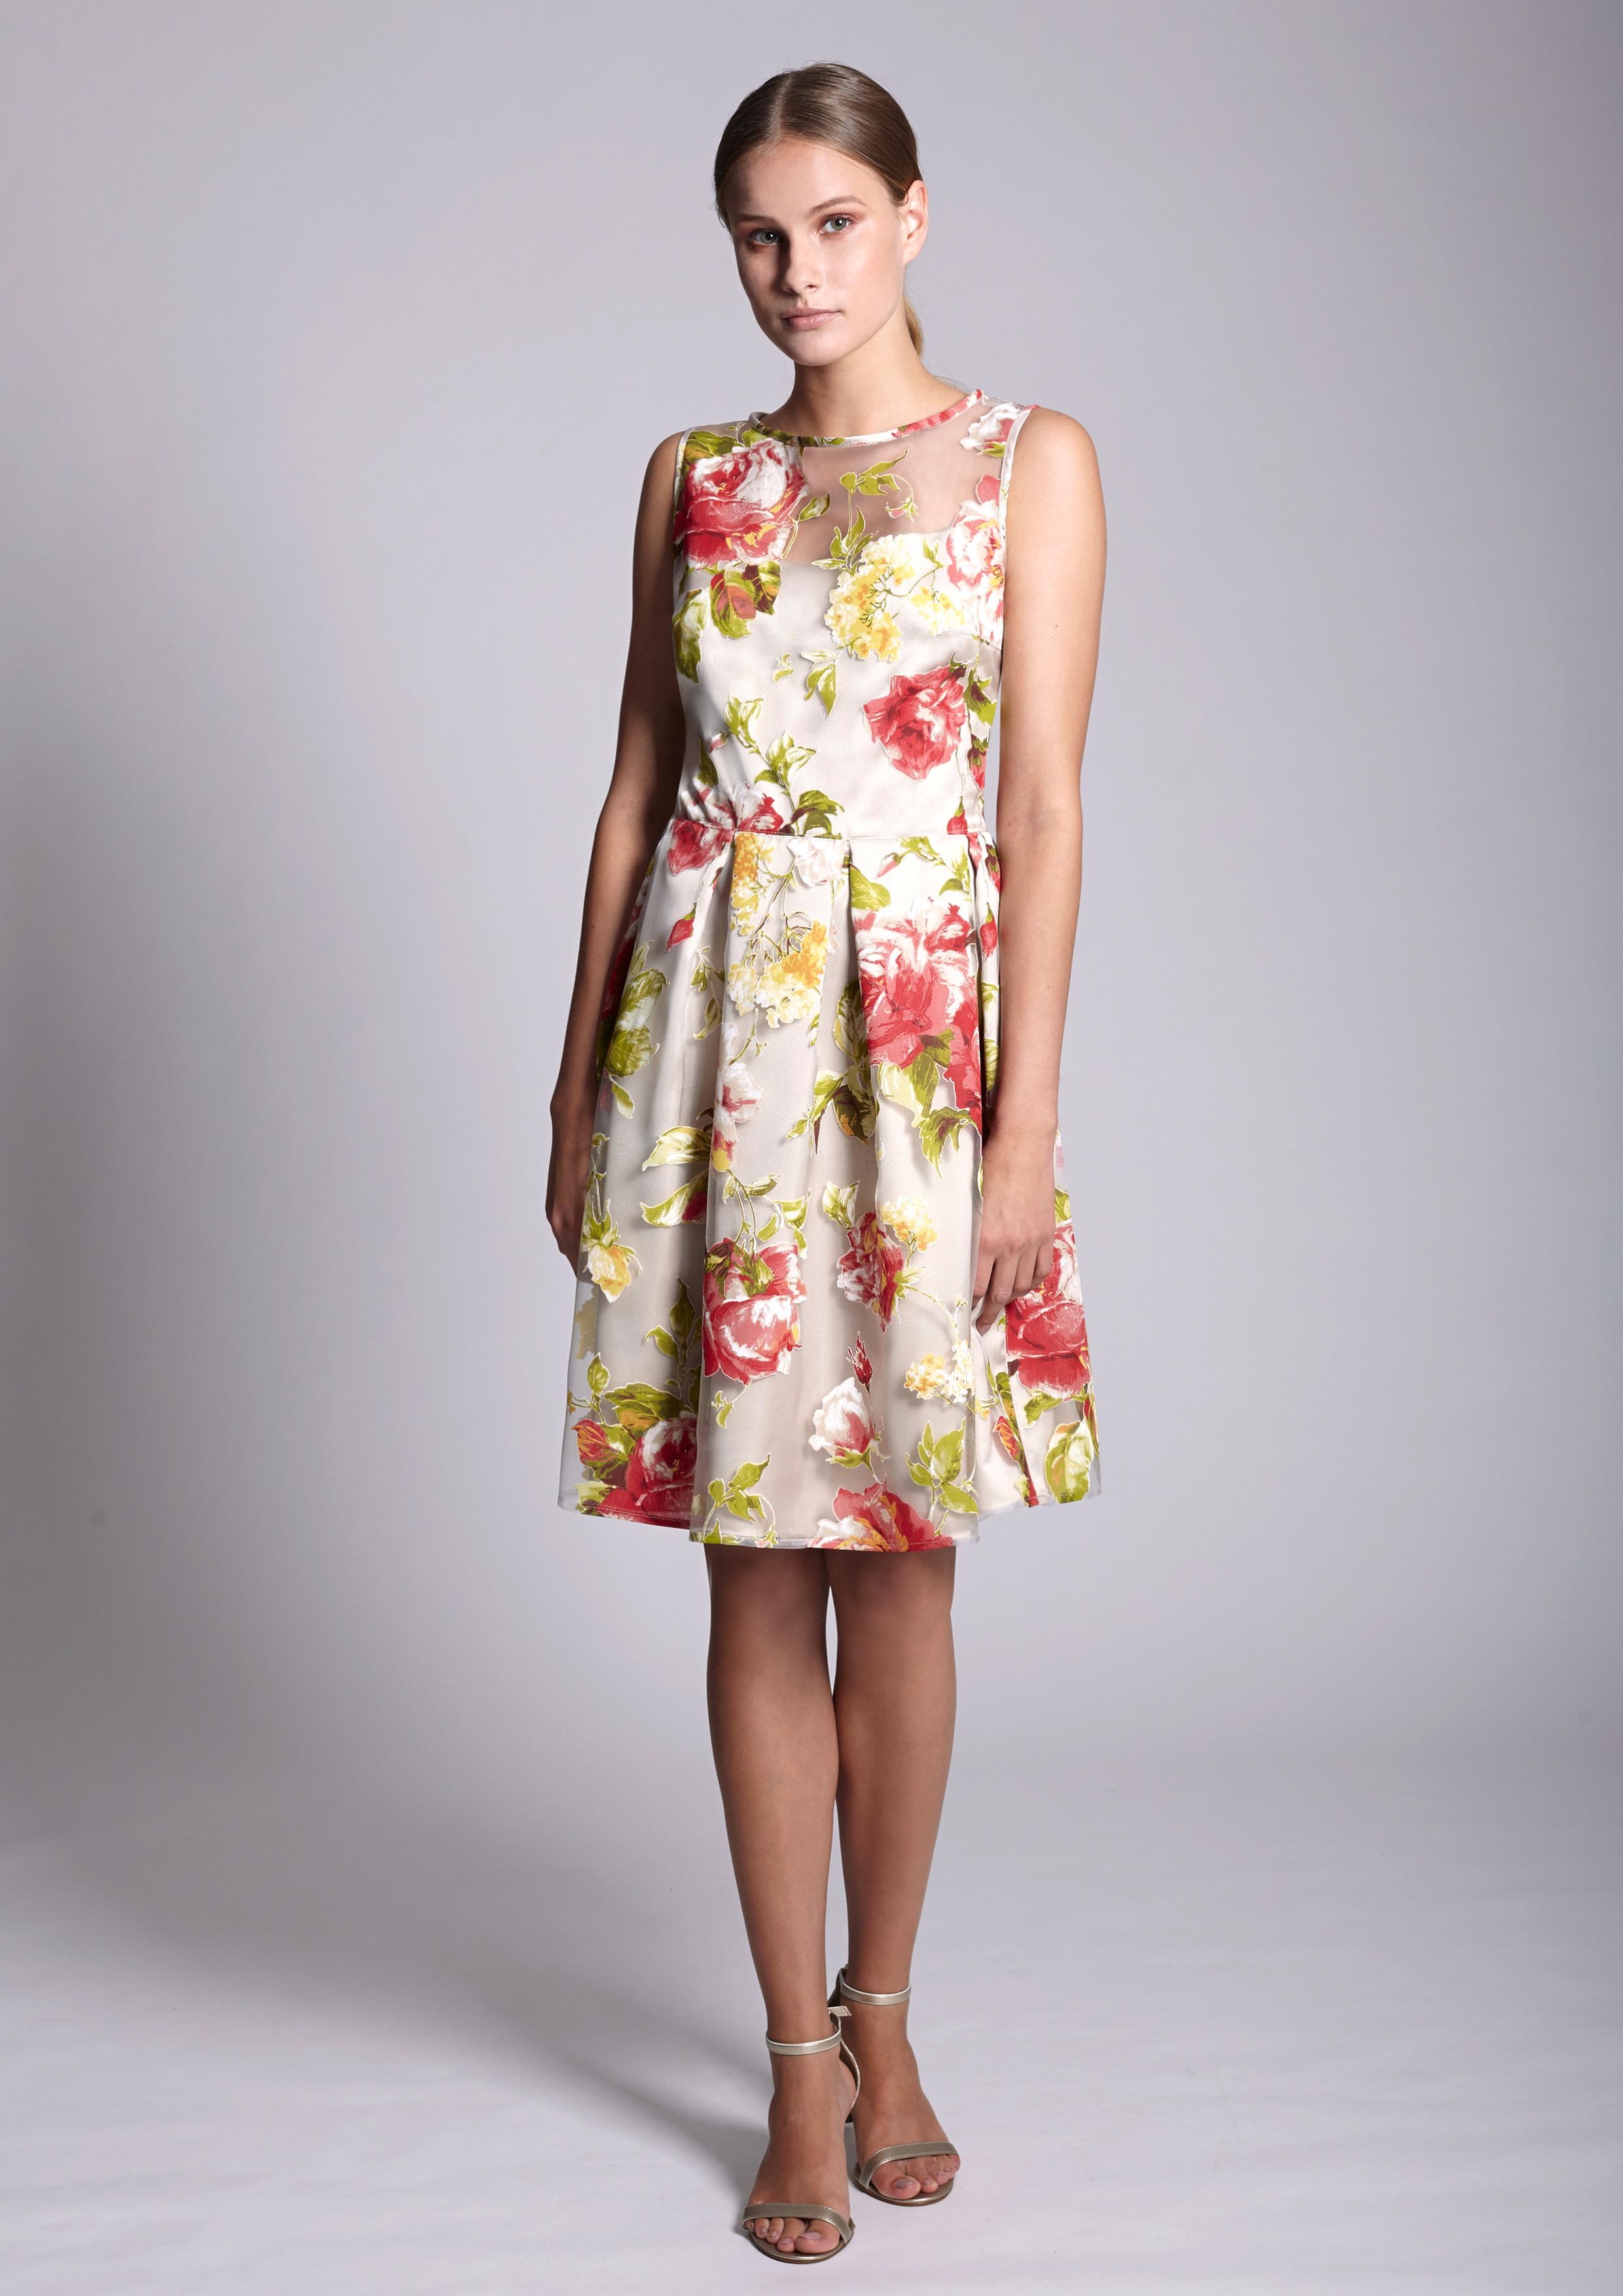 0aee02841 Vestido estampado corte princesa. Vestido estampado corte princesa atrás.  Devorado estampado floral